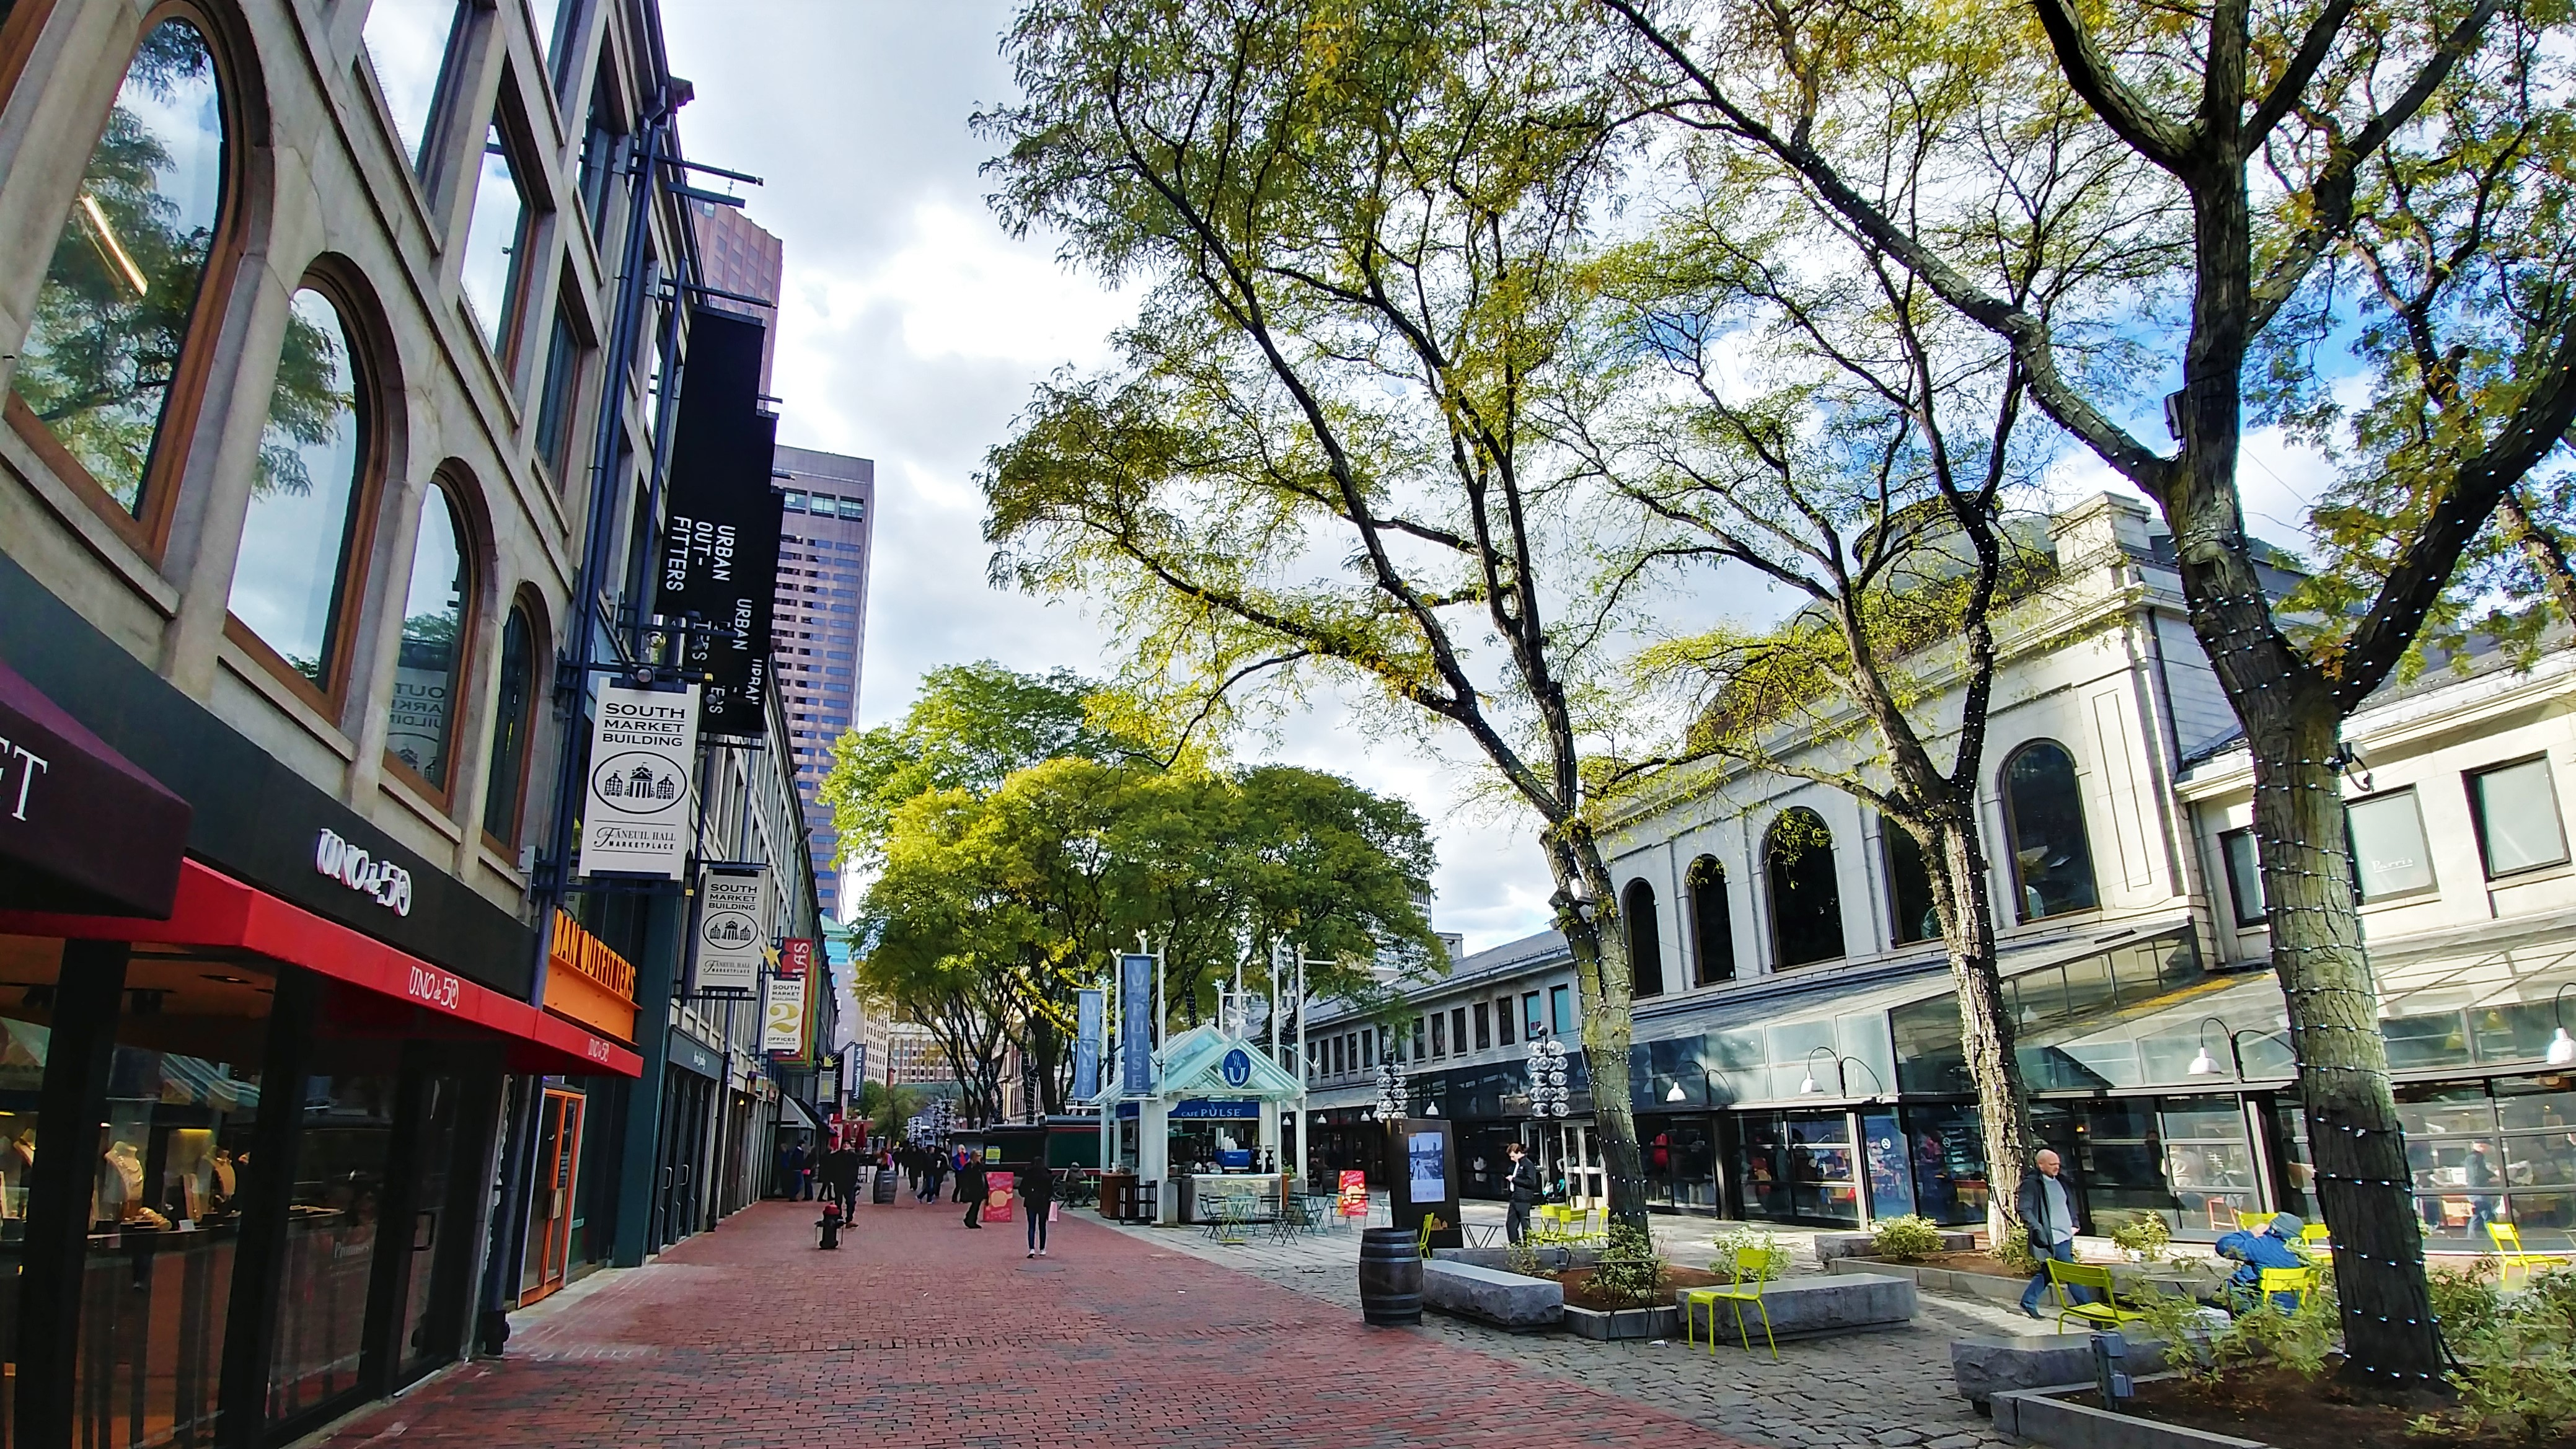 quincy market freedom trail boston que voir usa voyage etats-unis arpenter le chemin